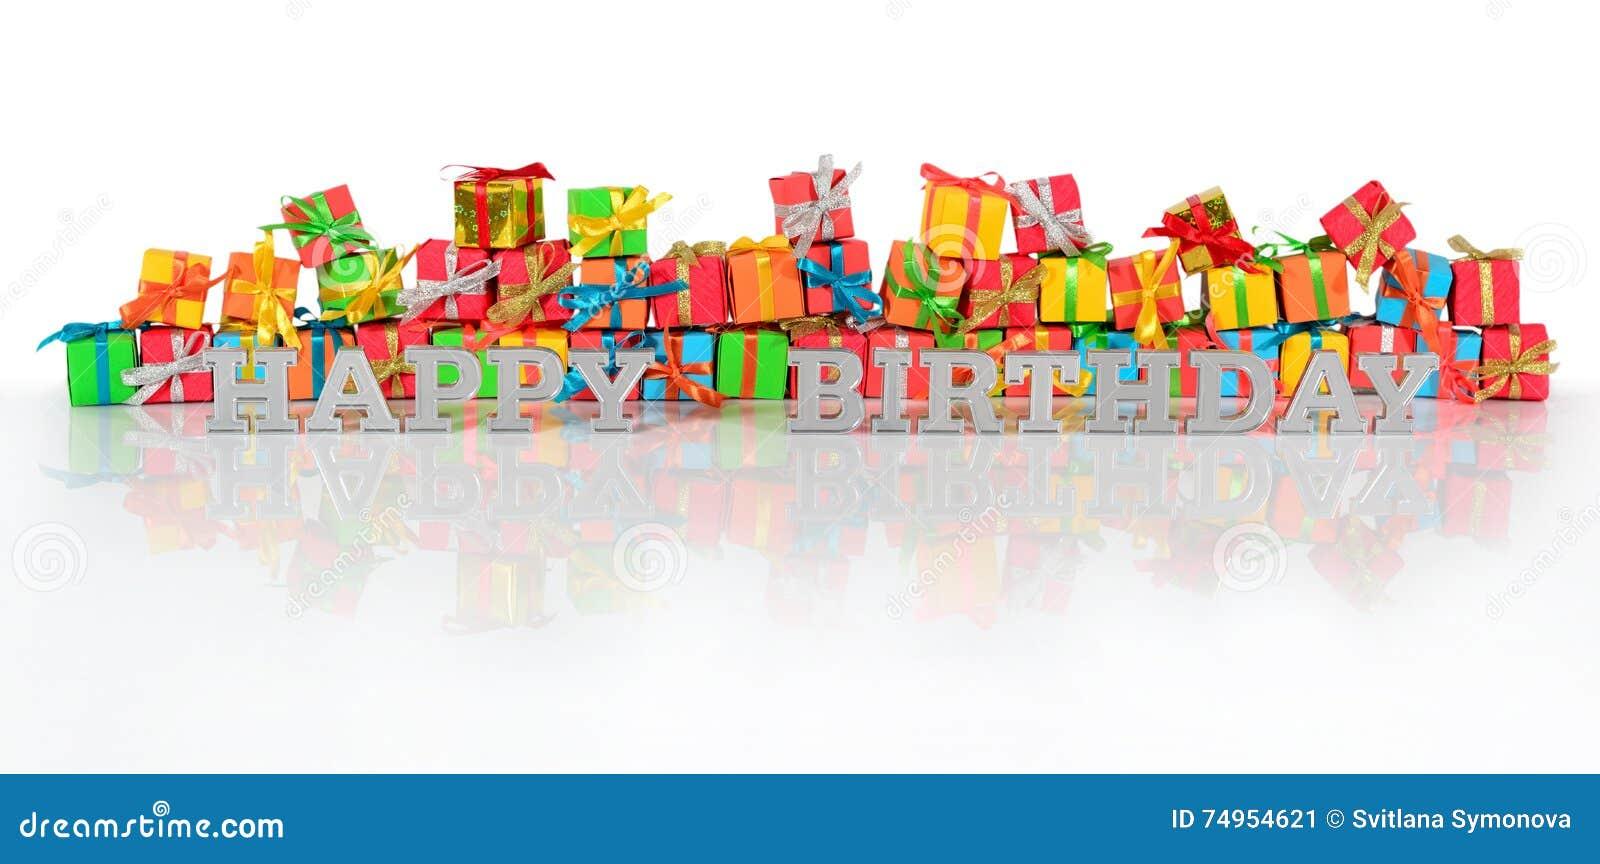 Texte Et Cadeaux Dargent De Joyeux Anniversaire Image Stock